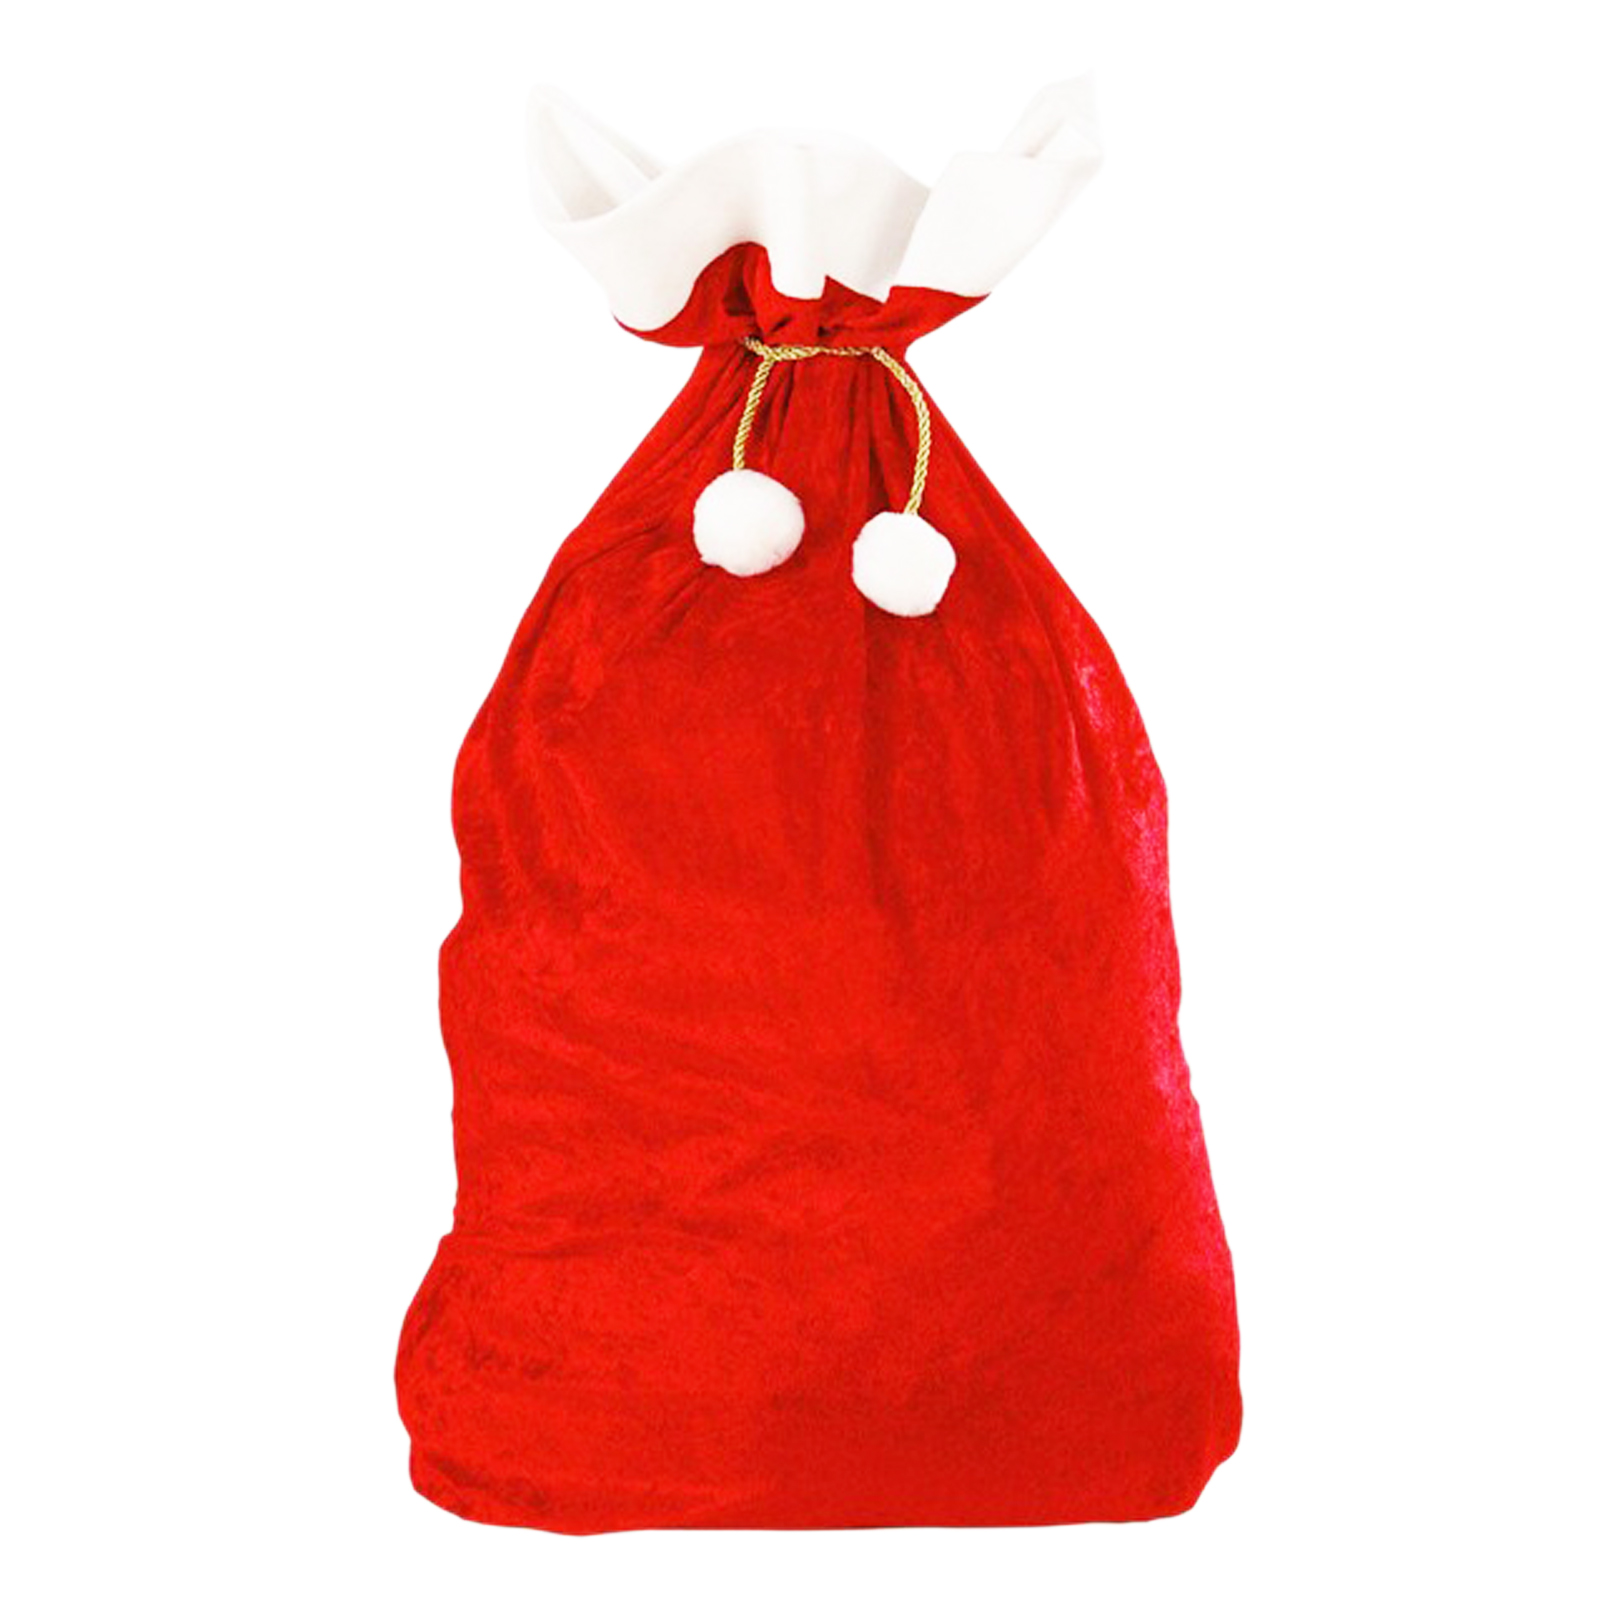 Подарочные сумки Красного Деда Мороза 70Х50 см, большие Высококачественные золотые бархатные супер мягкие сумки для конфет, рождественские с...